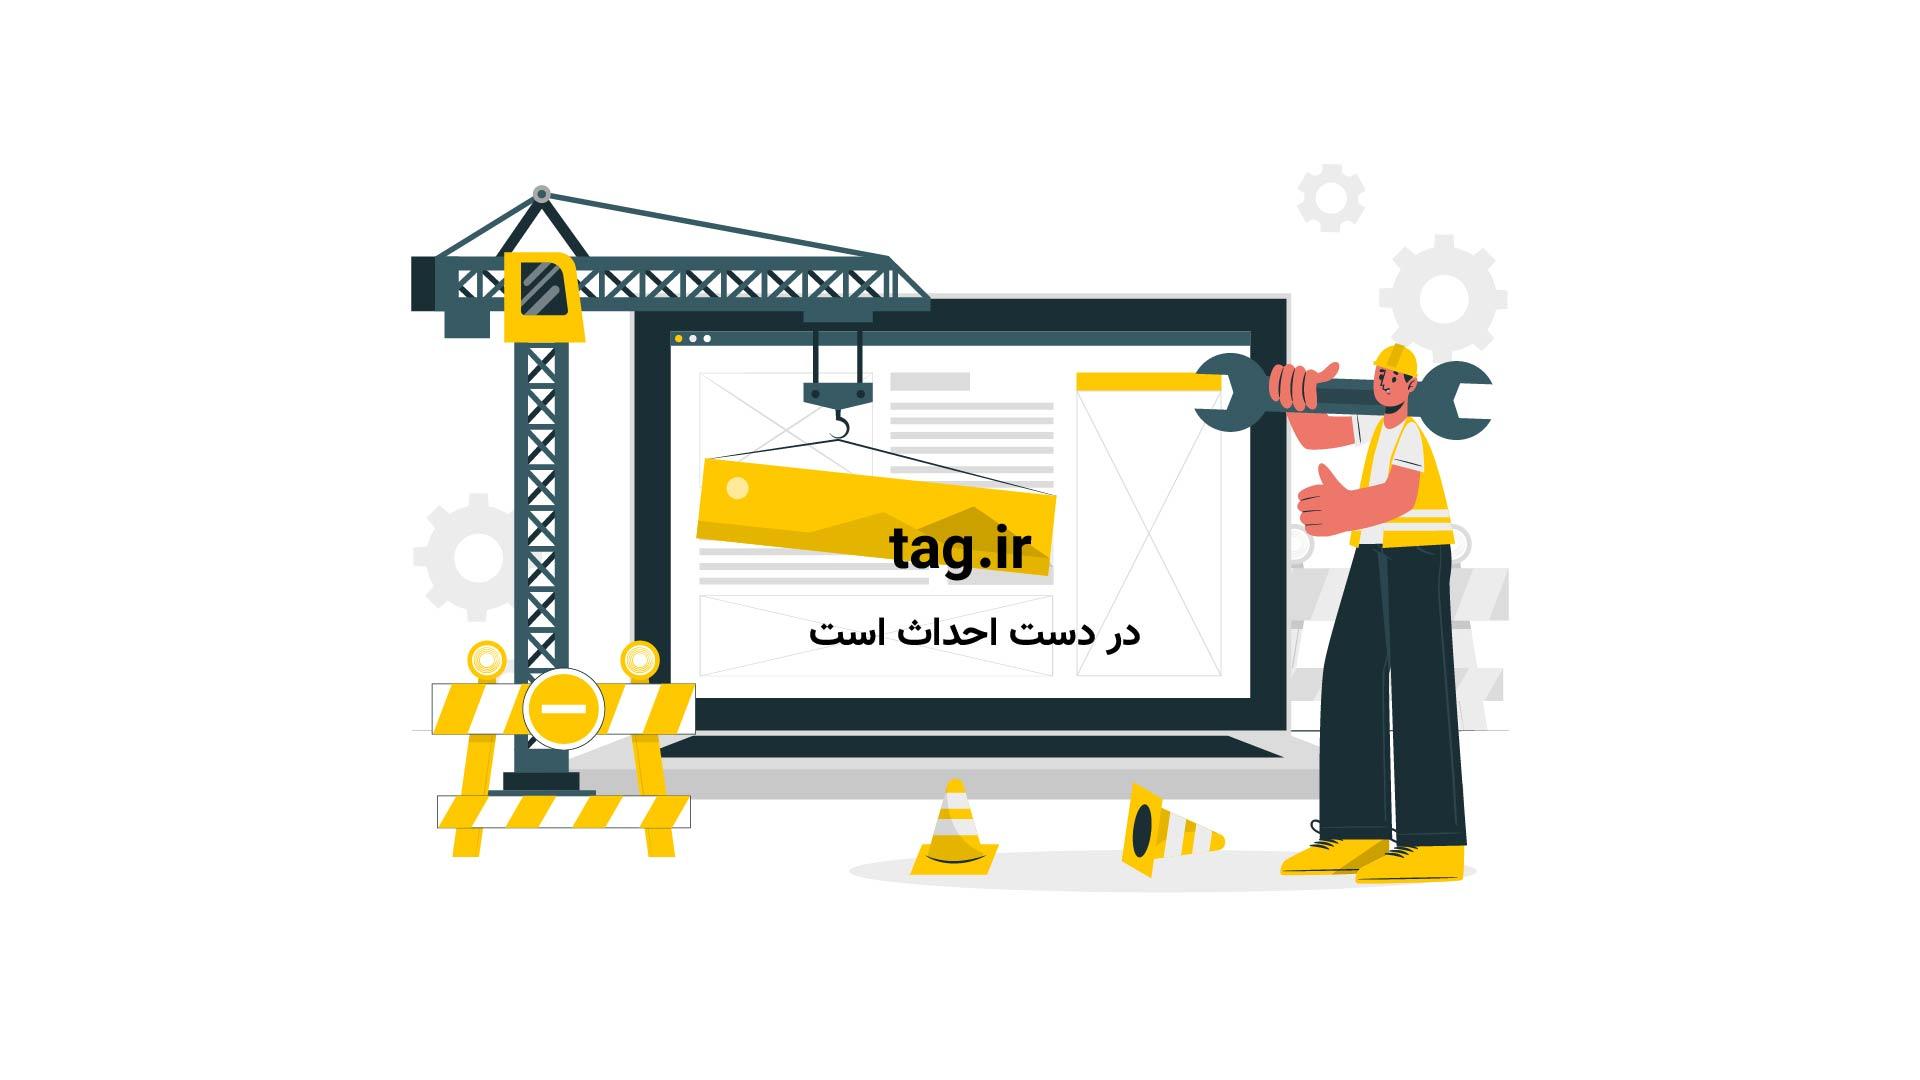 نقاشی سه بعدی چشم   تگ